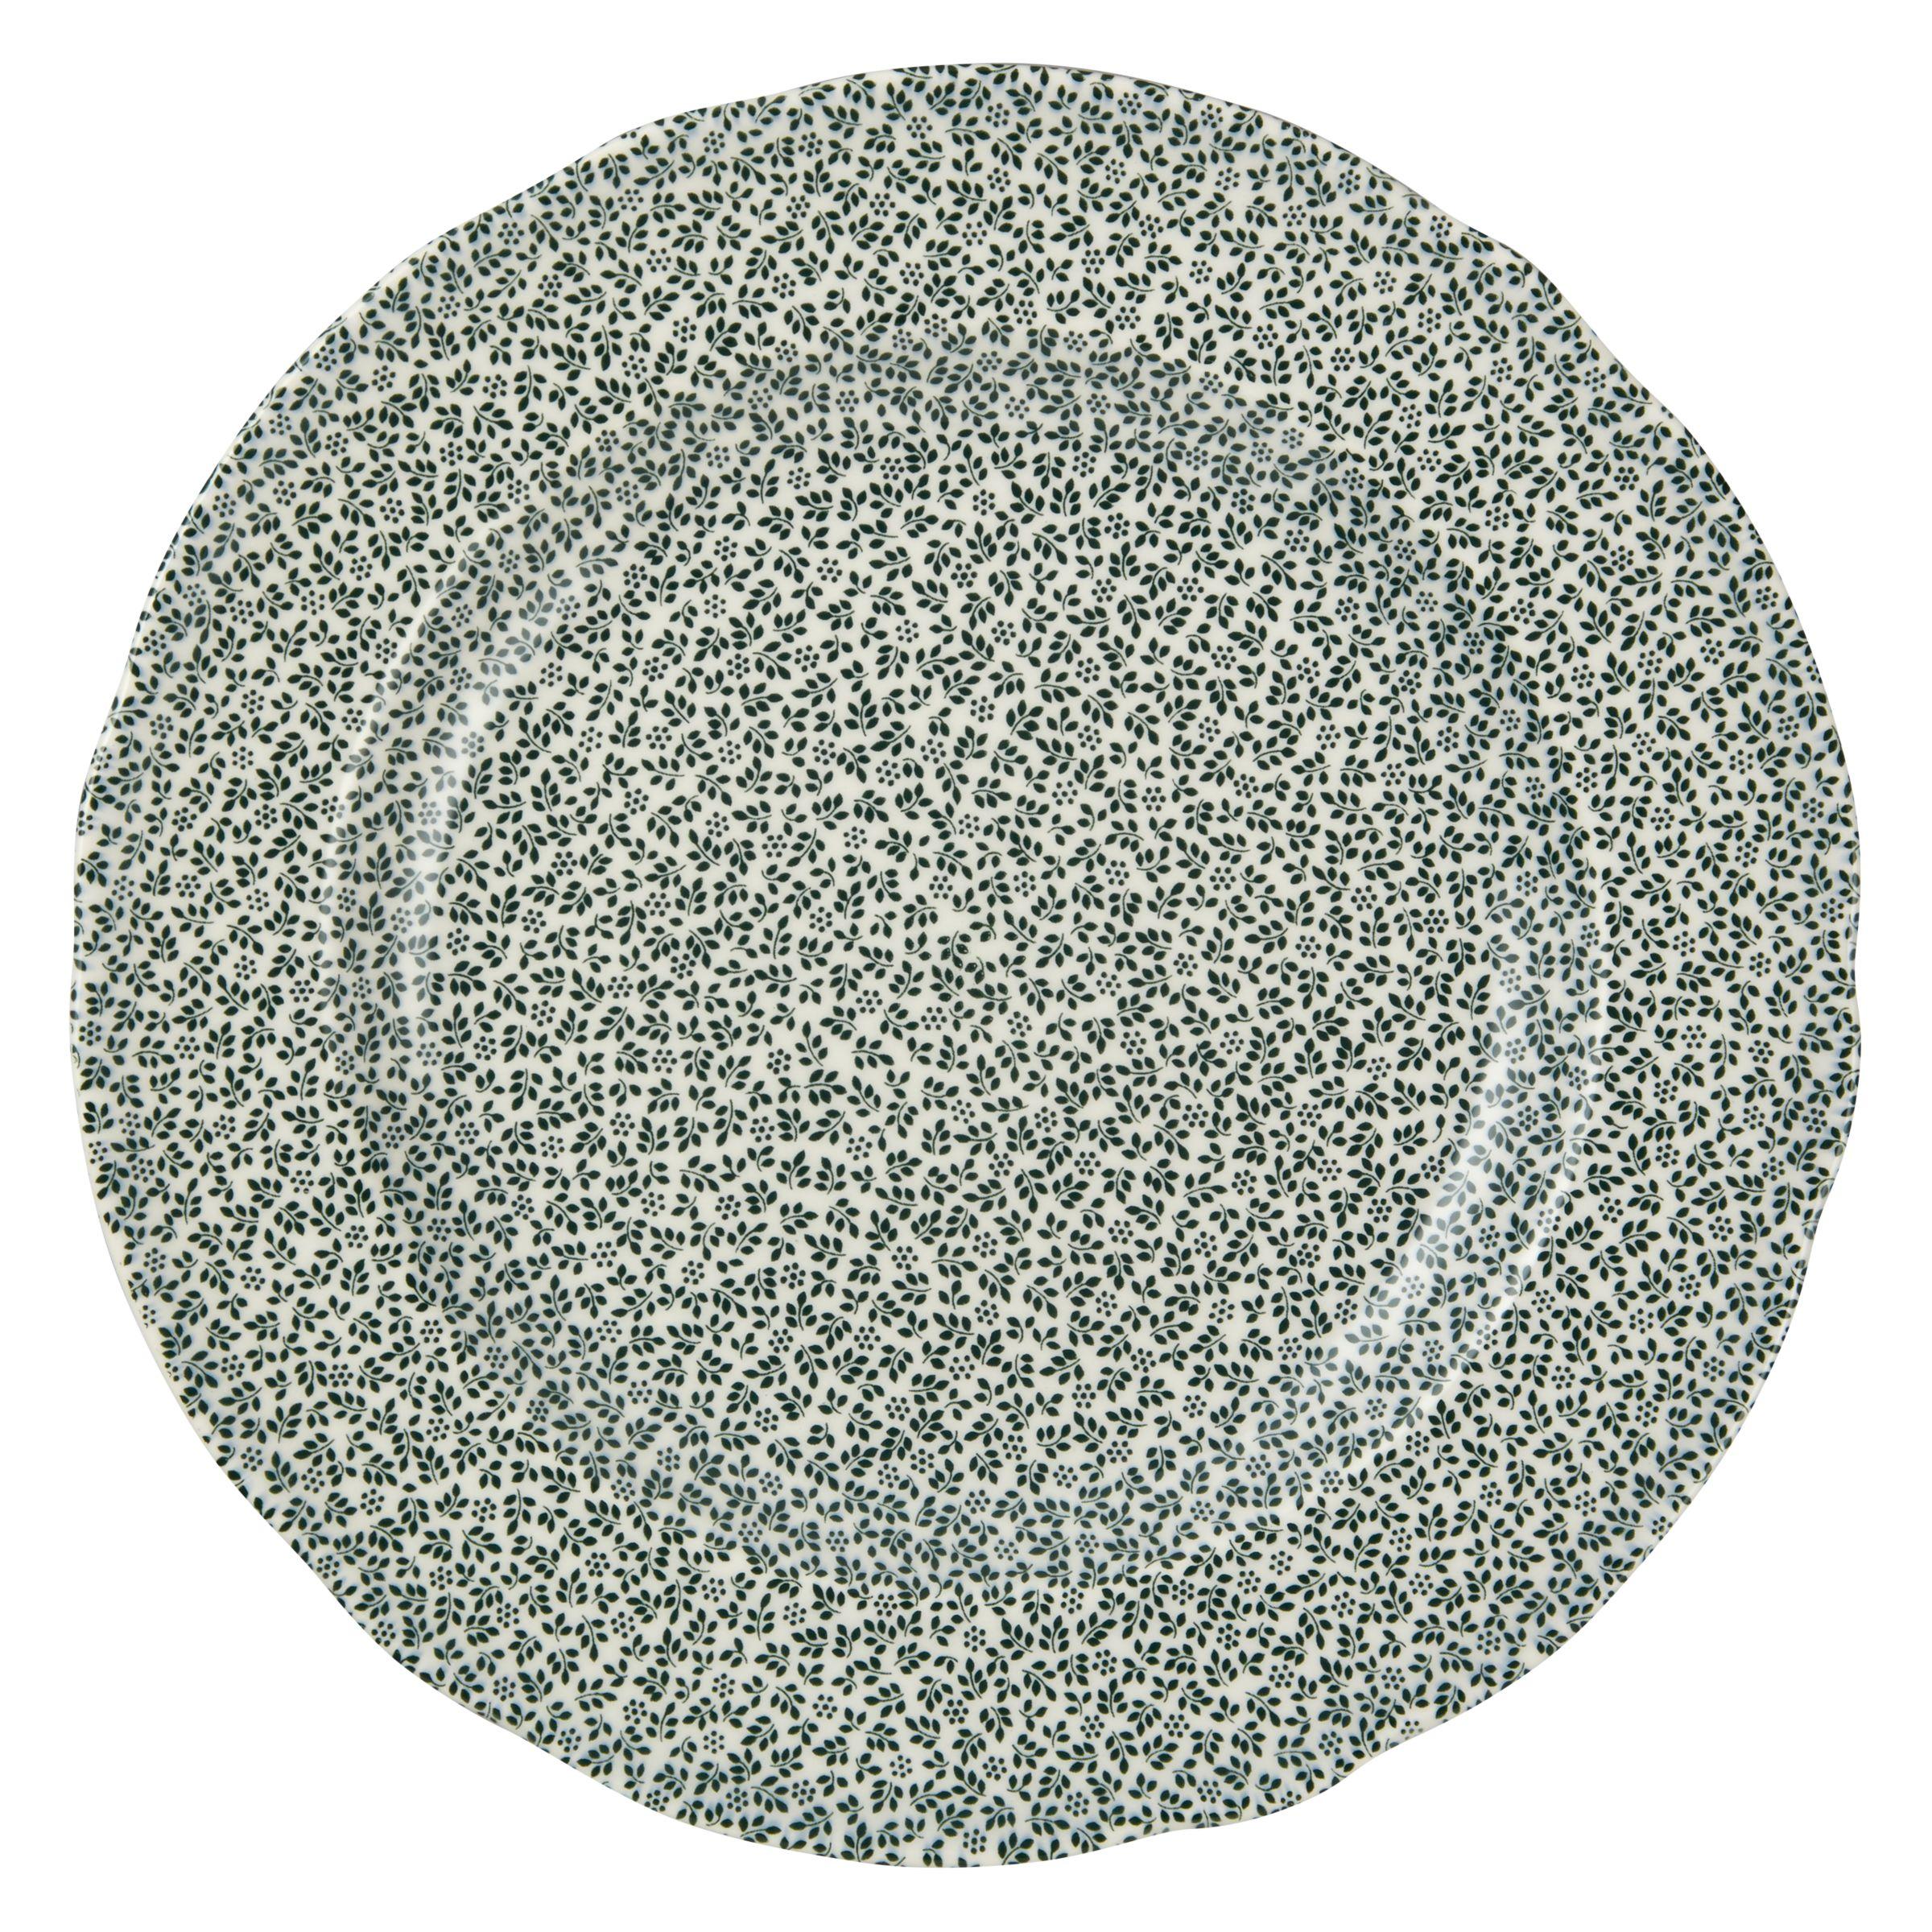 Spode Spode Ruskin House Thyme 23cm Plate, Green / White